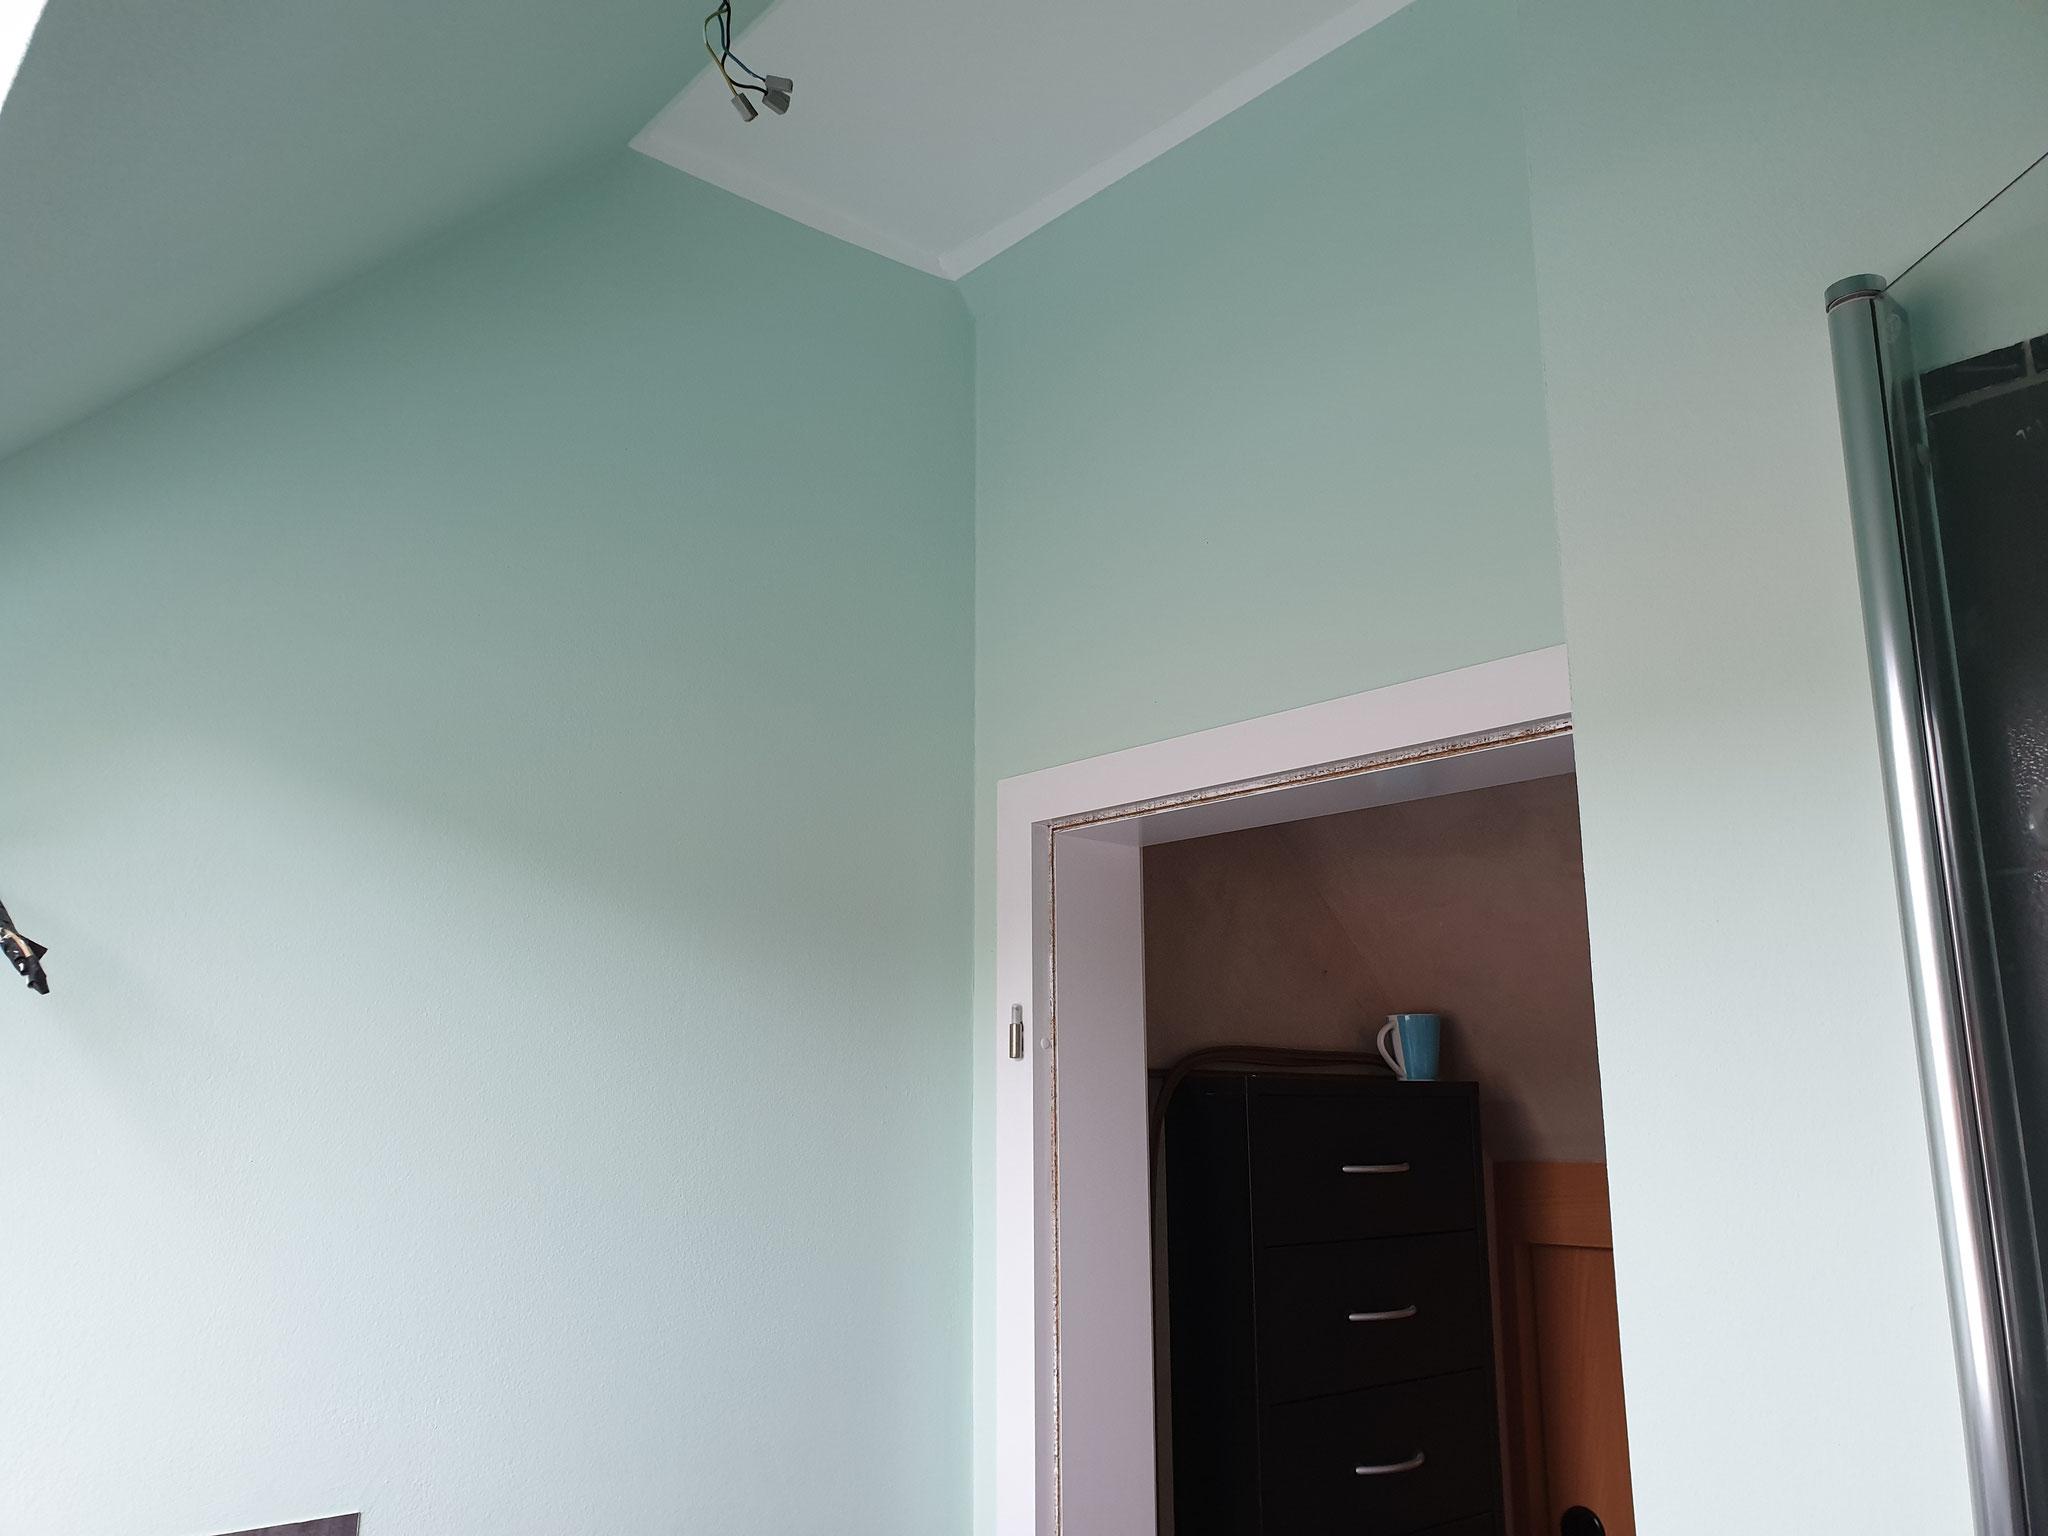 Endergebnis: Fliesen wurden überspachtelt und ein Silikatputz (zur Verbesserung der Feuchtigkeitsregulierung) wurde aufgetragen. Anschließend wurde farblich mit Silikatfarbe gestrichen.